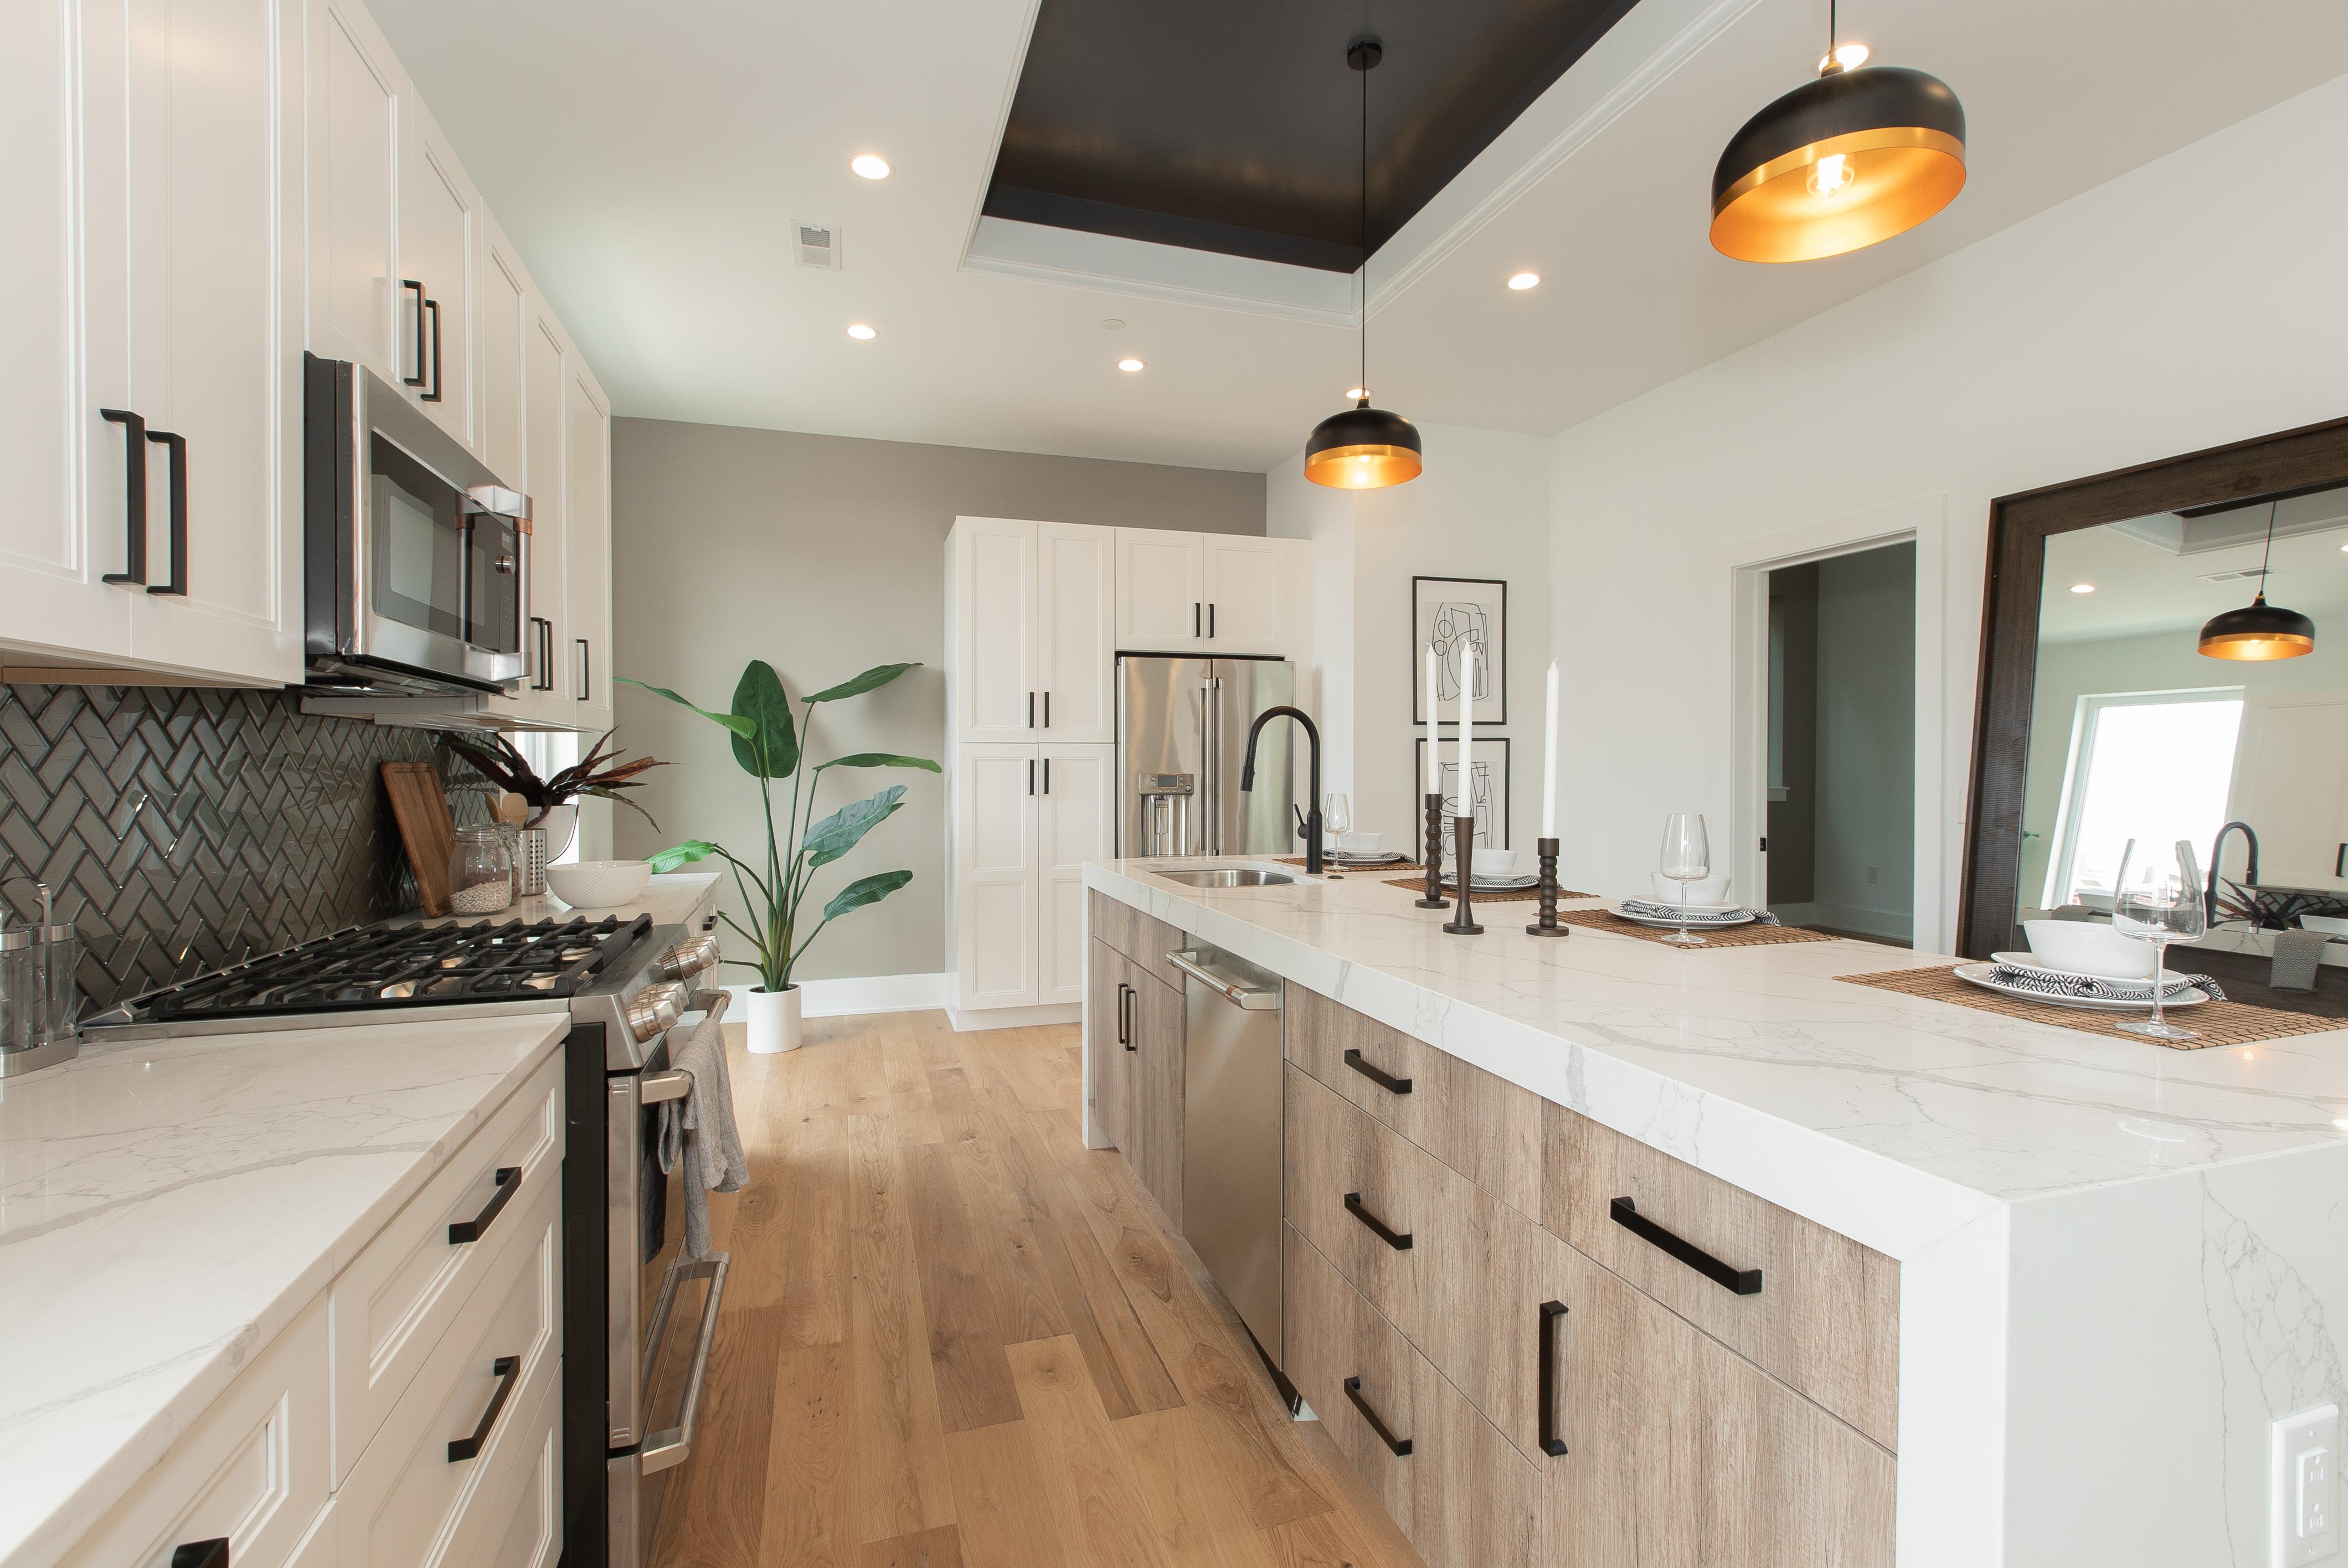 Custom Homes: 6 Tips for Finding the Best Designer